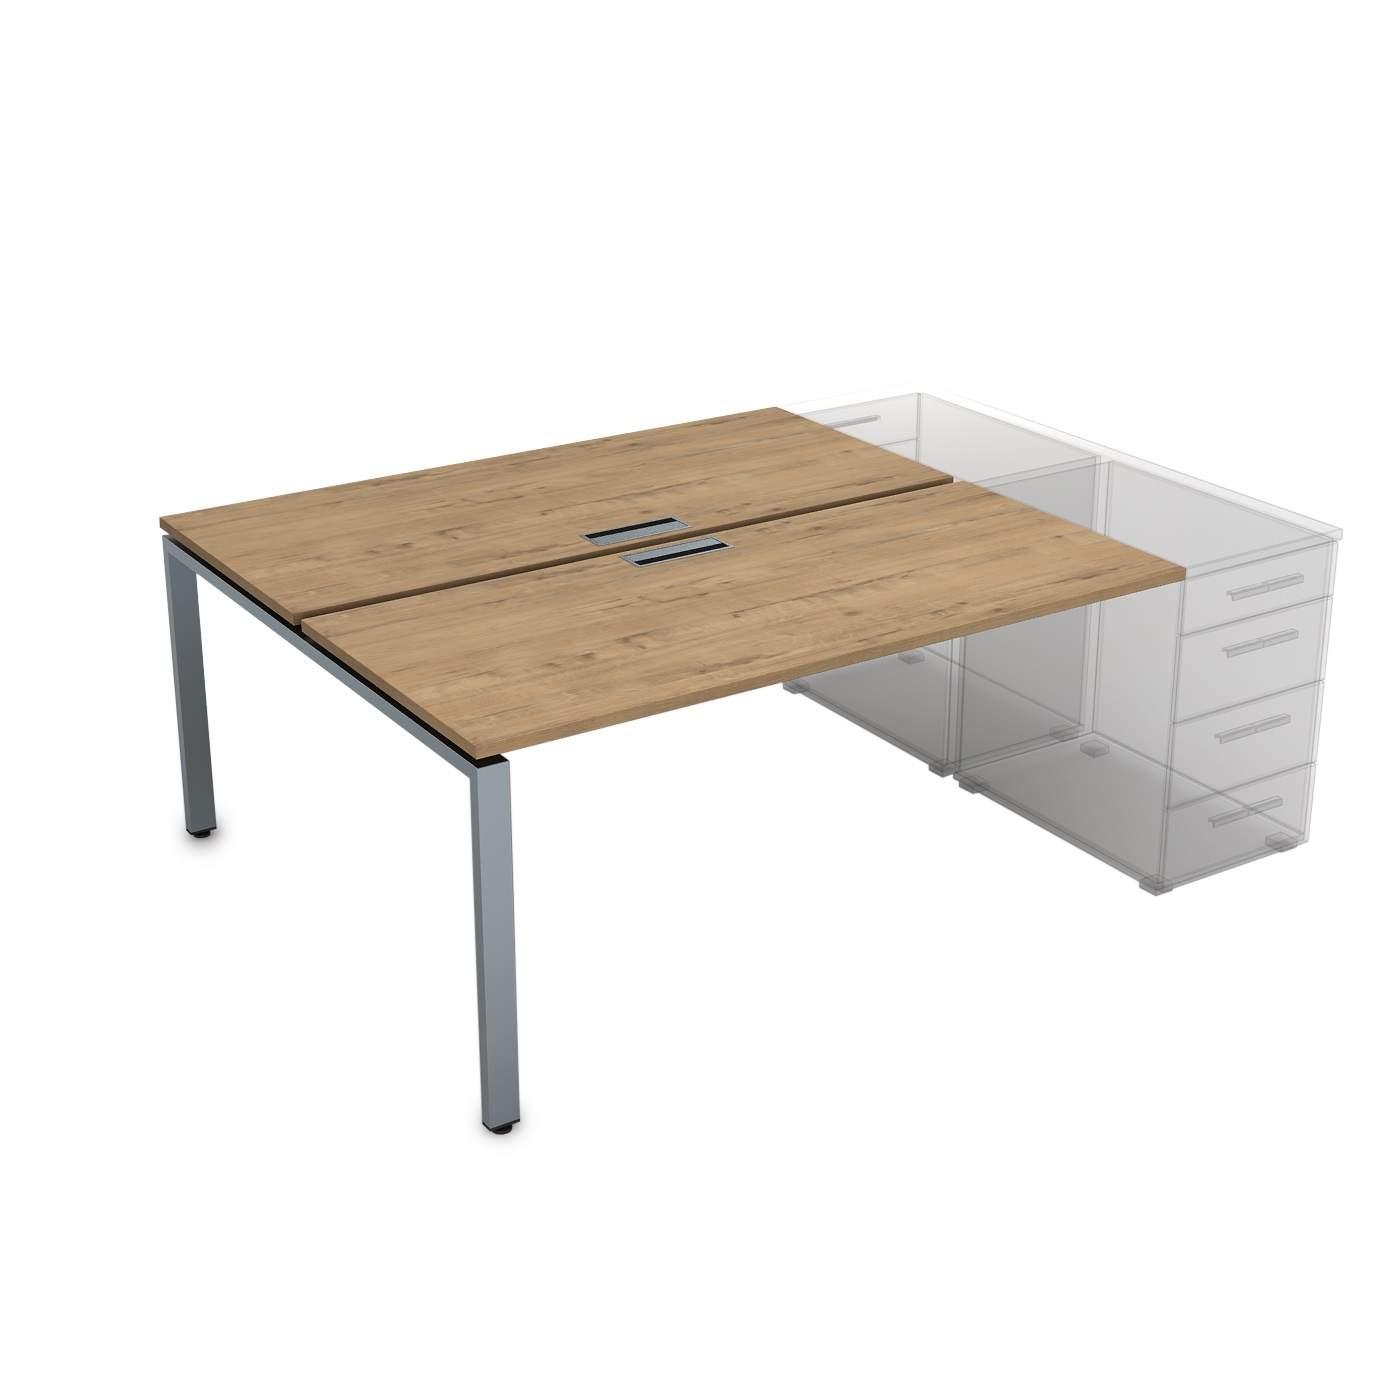 Стол приставной системы Бенч, сдвоенный, на 2 рабочих места 1400х1635х750